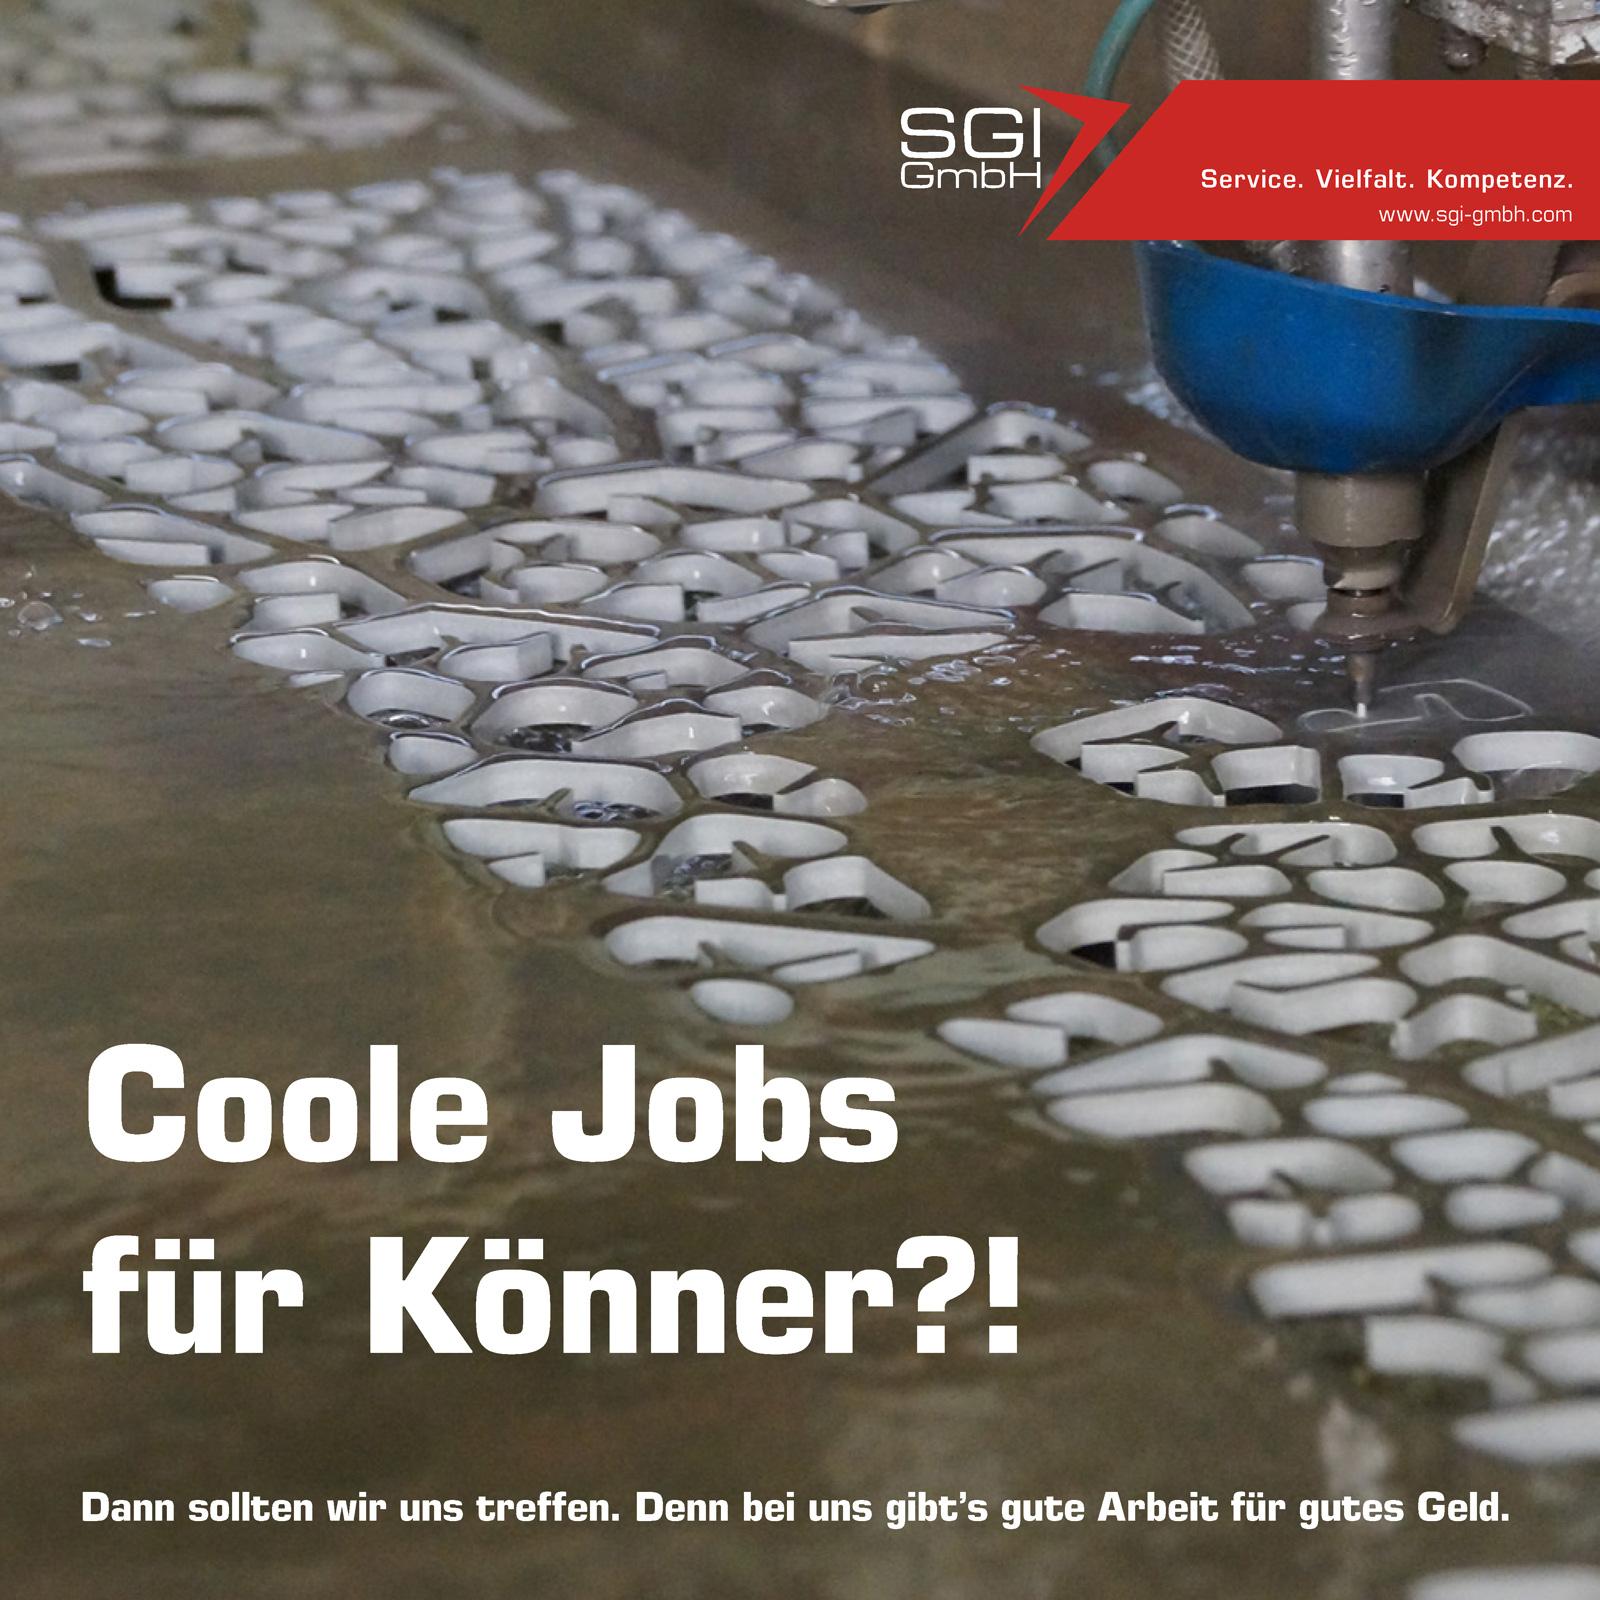 Coole Jobs für Könner.